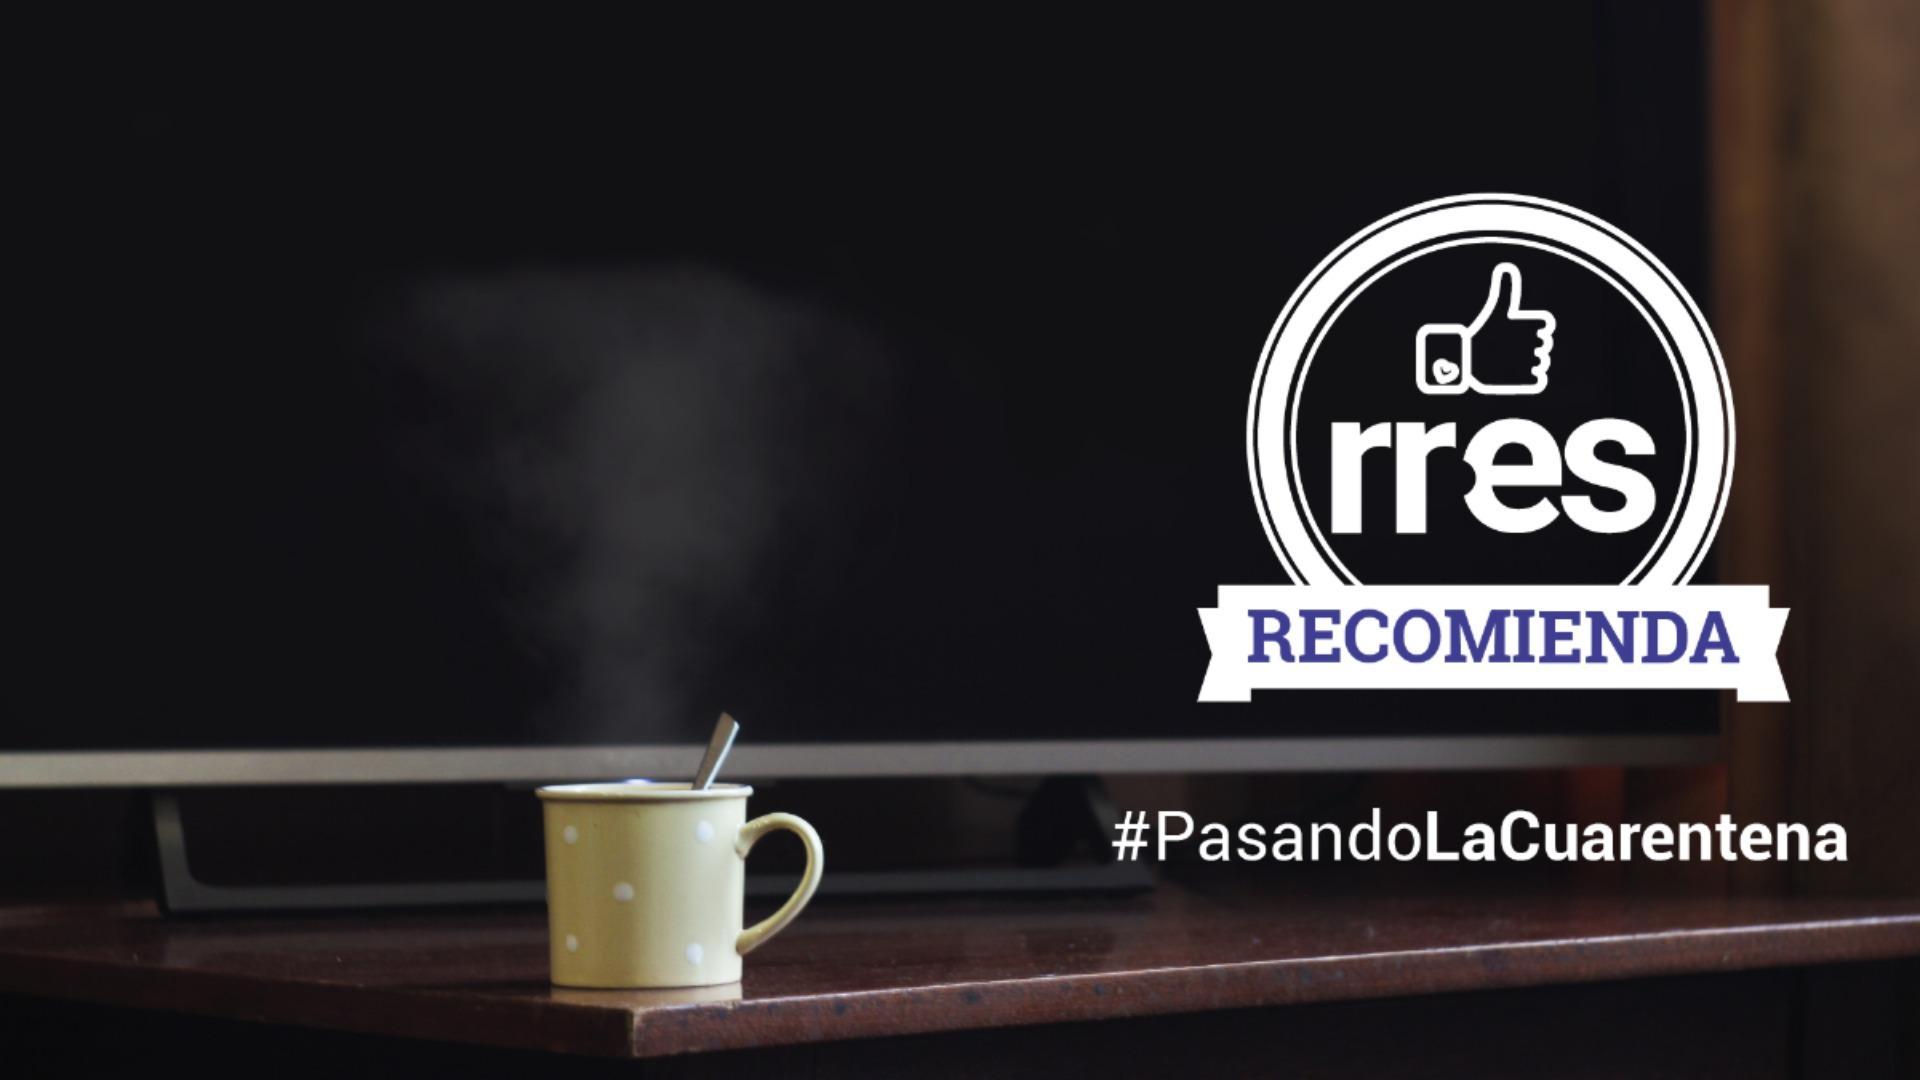 #PasandoLaCuarentena | Videos virales de internet doblados al español latino #27Abr